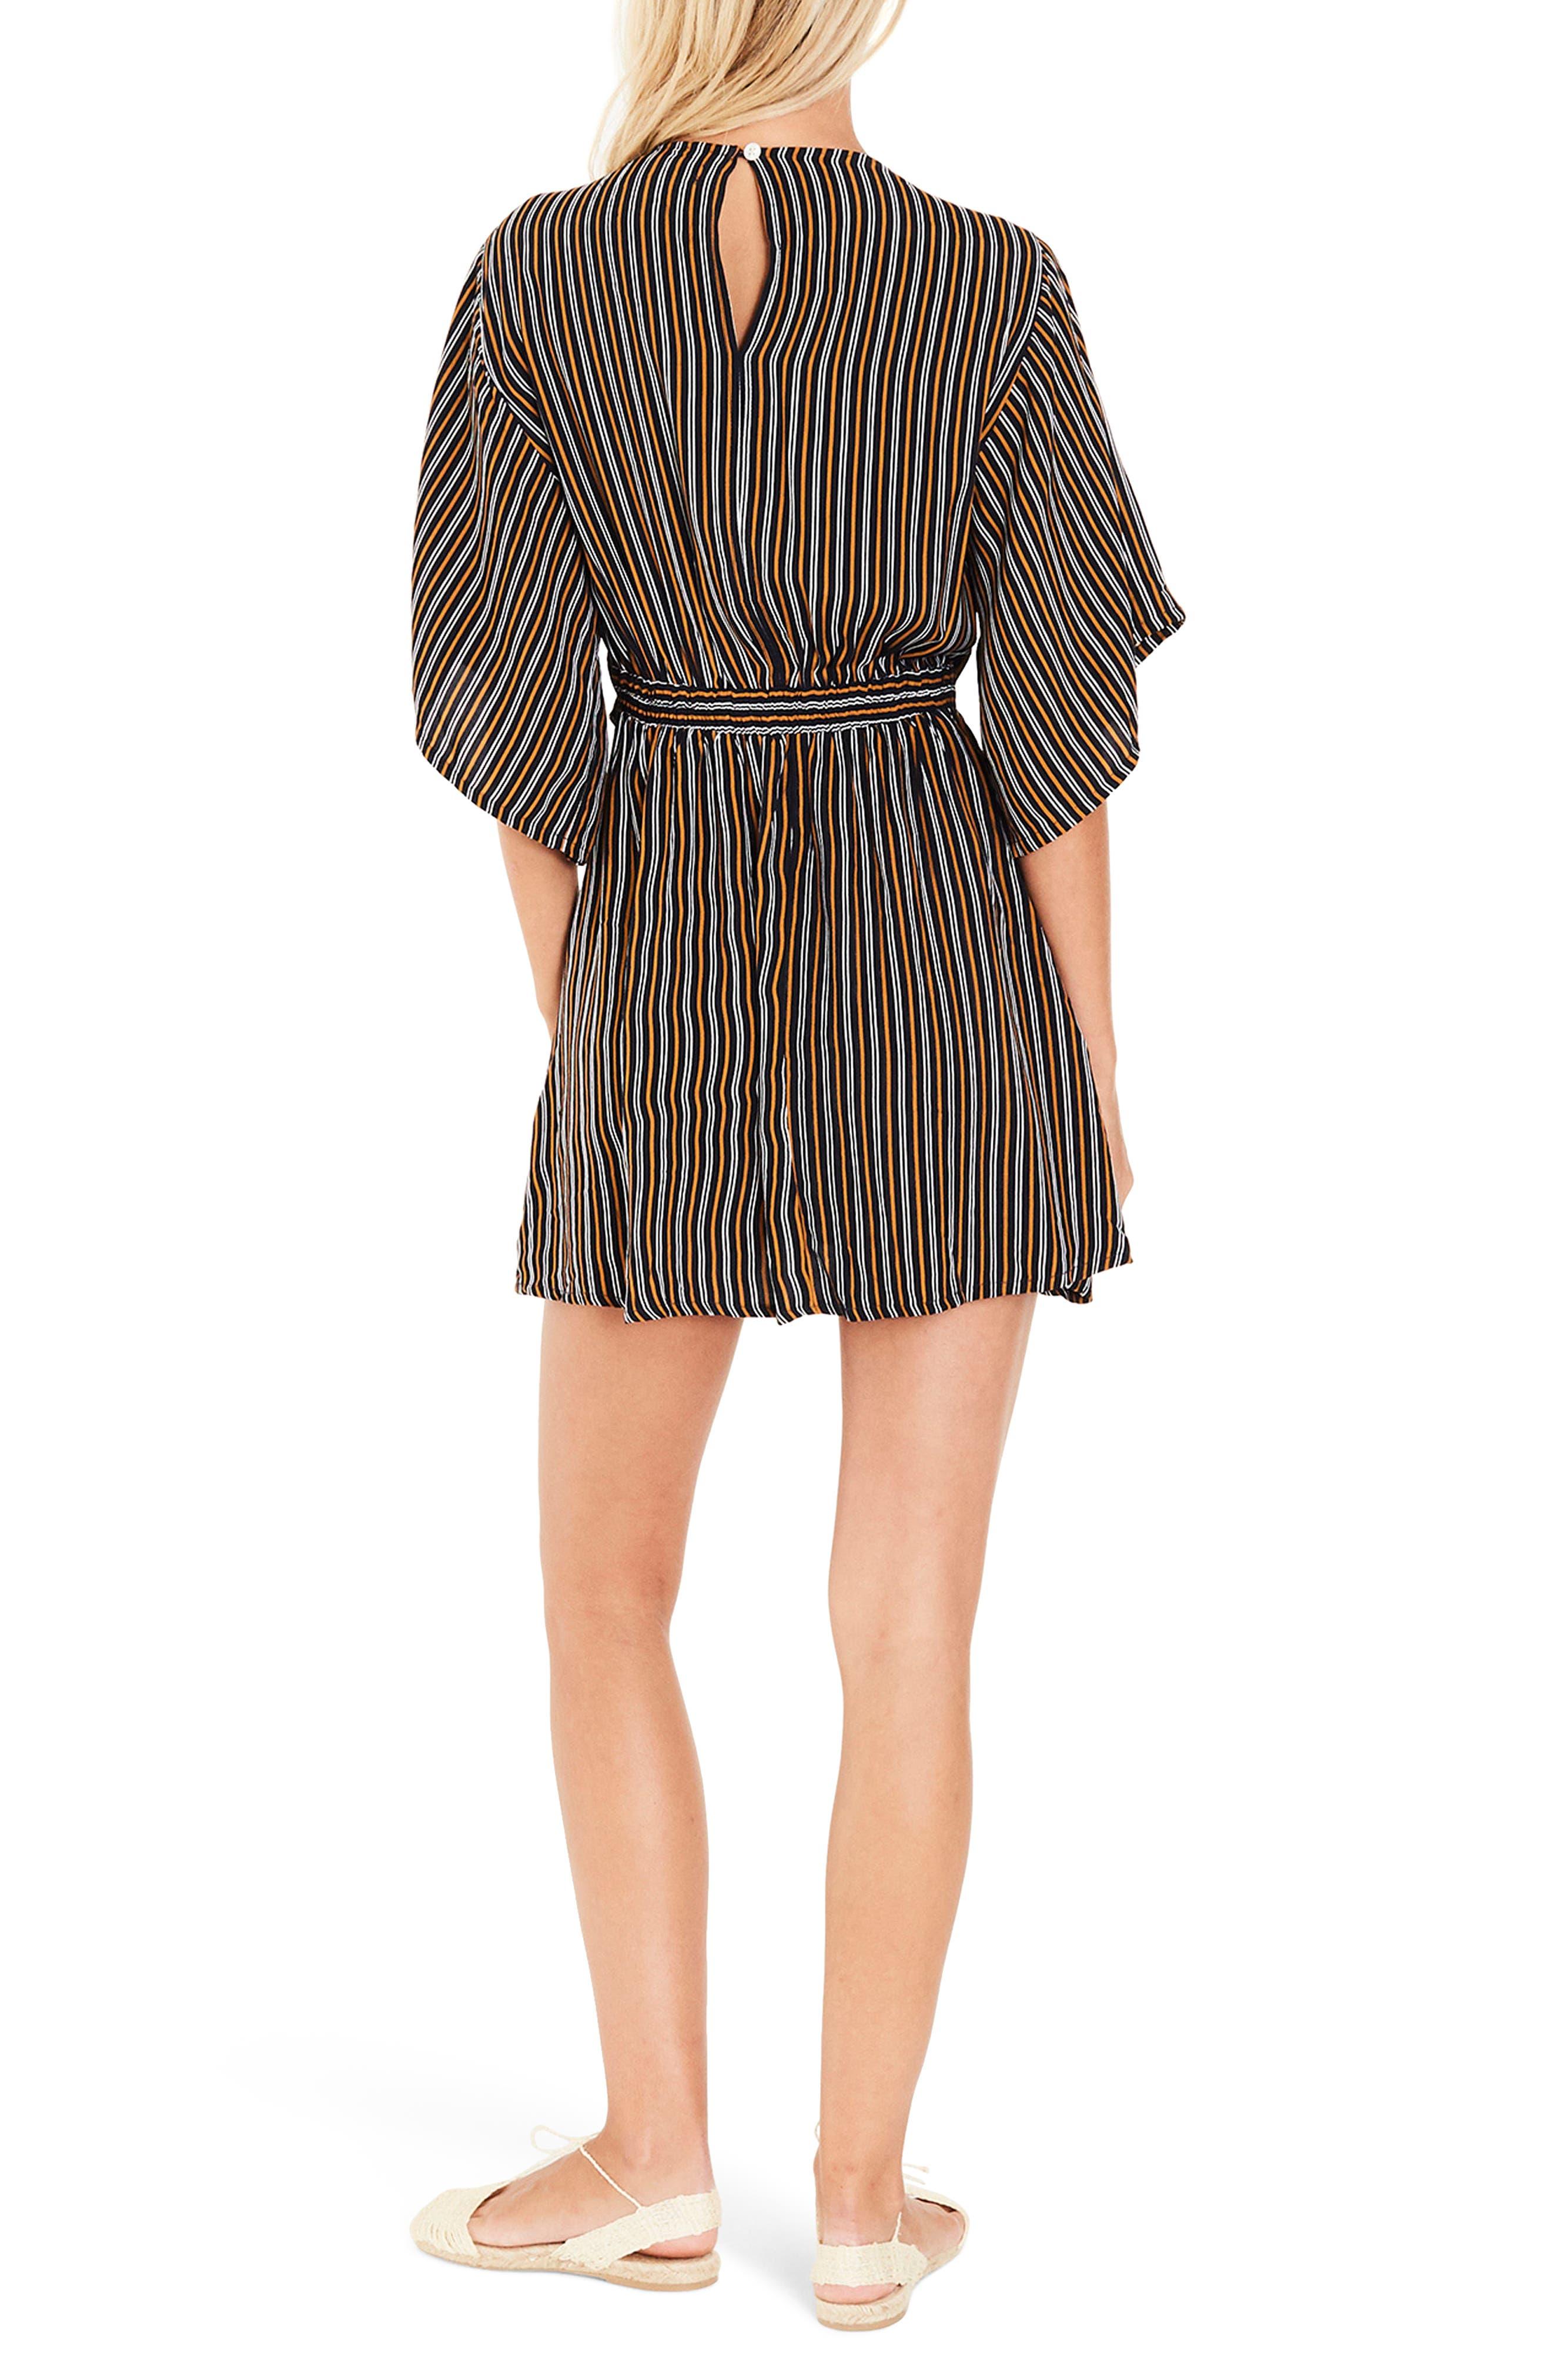 Vinci Stripe Tie Front Dress,                             Alternate thumbnail 2, color,                             200